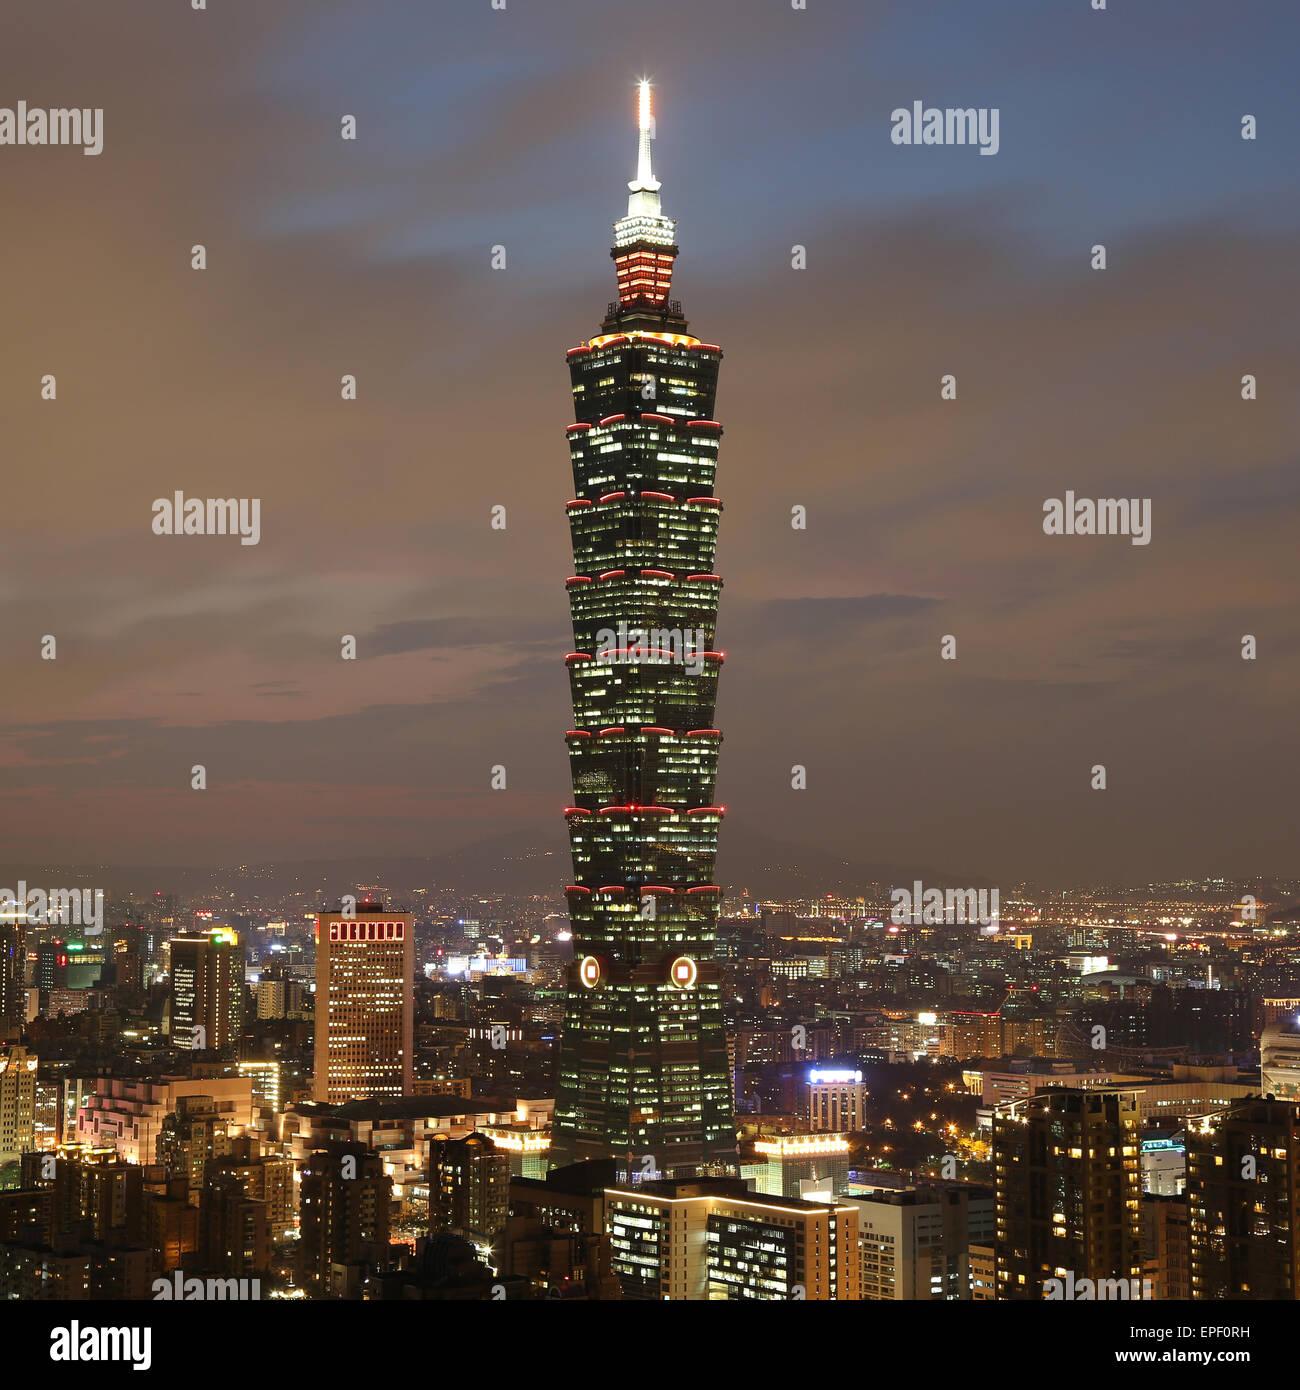 Taipeh Taiwan mit Taipei 101 Hochhaus - Stock Image